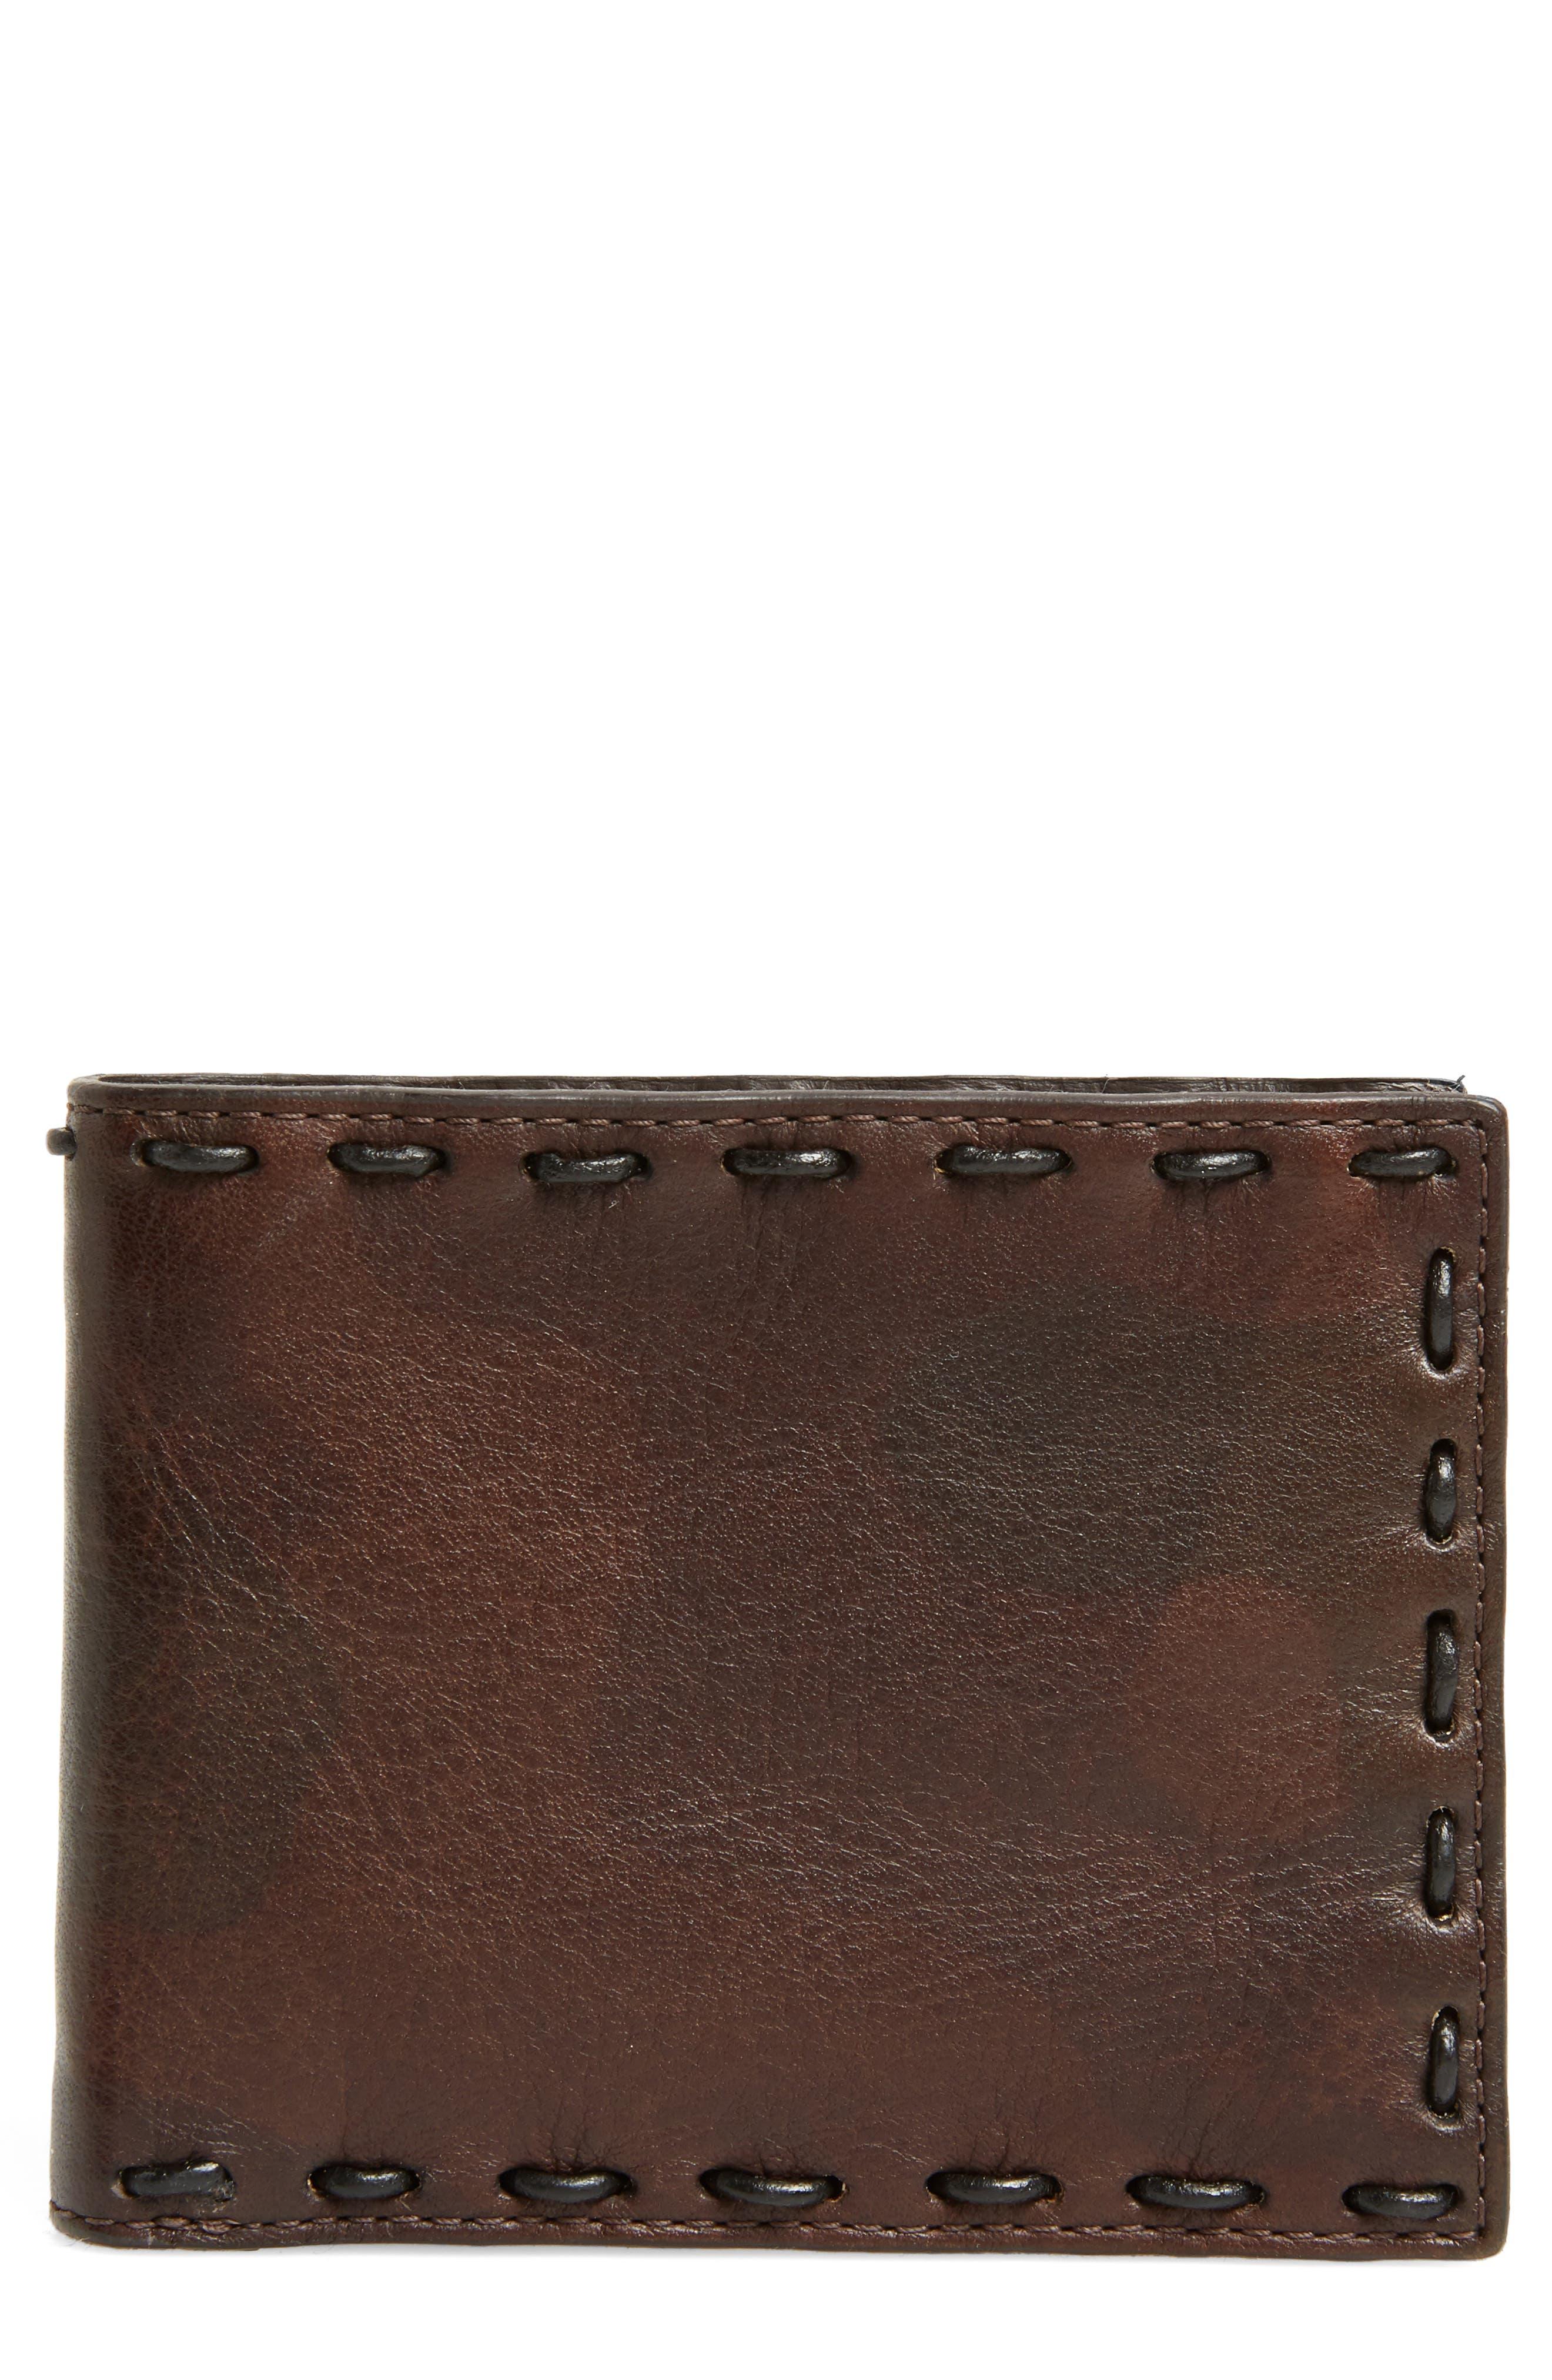 John Varvatos Marble Pickstitched Leather Wallet